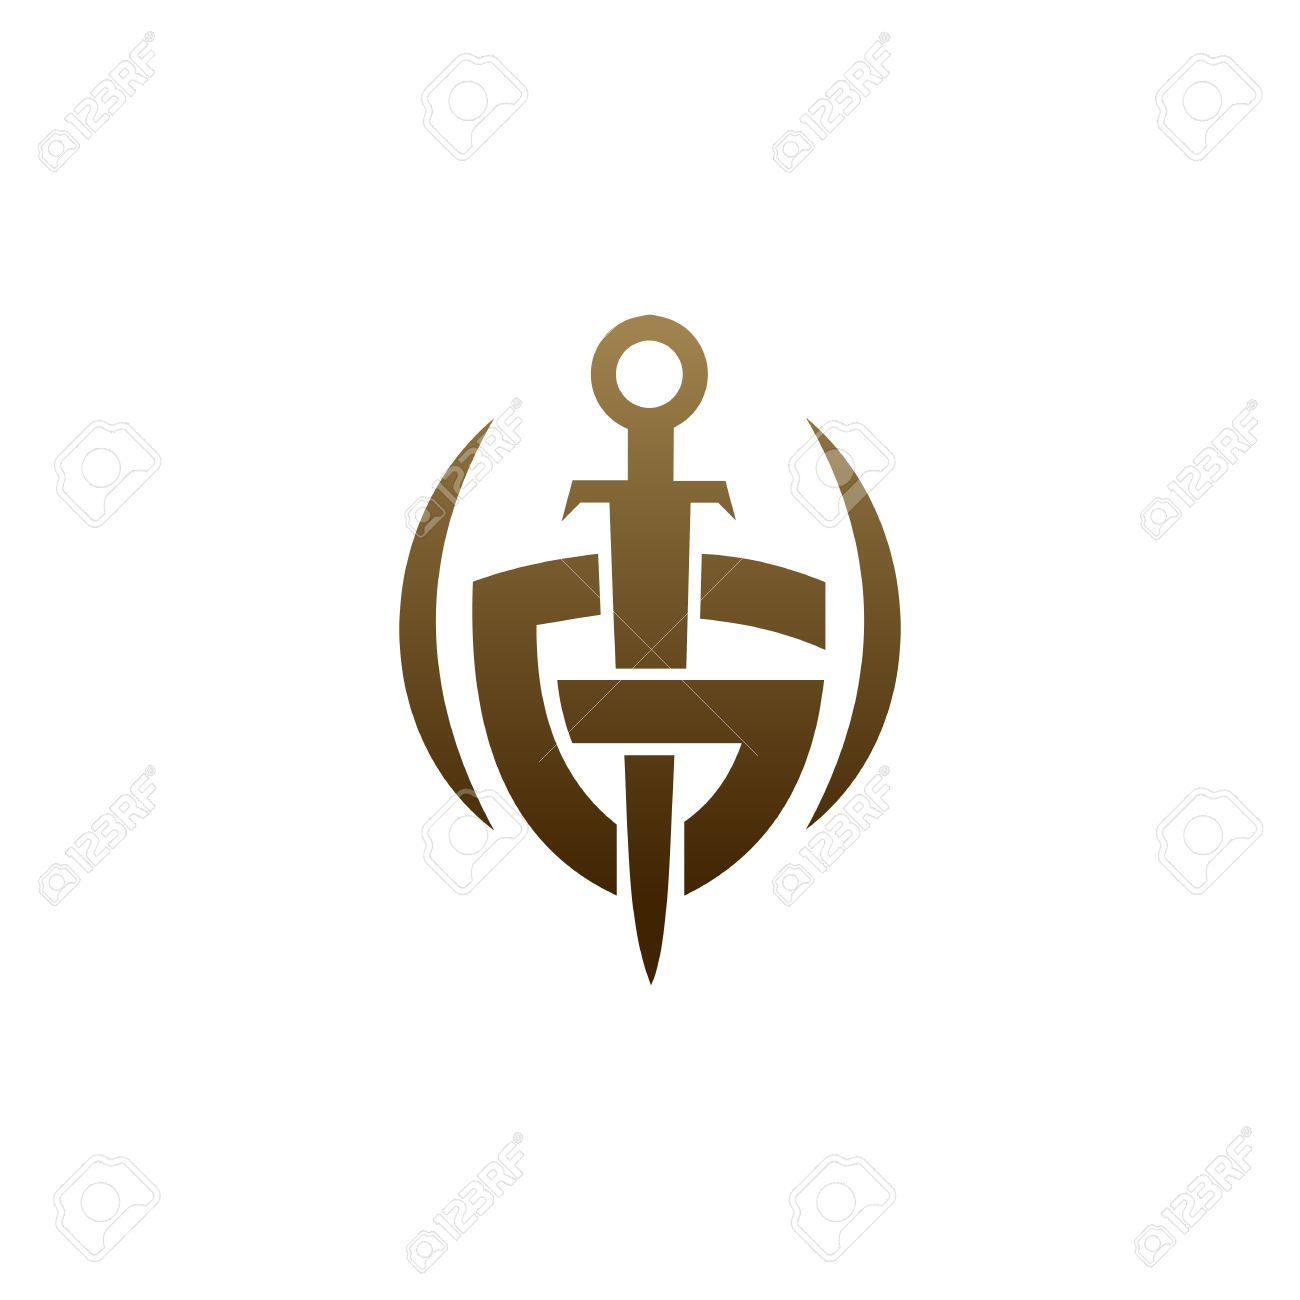 letter g shield sword logo security logo design concept template stock vector 82888922